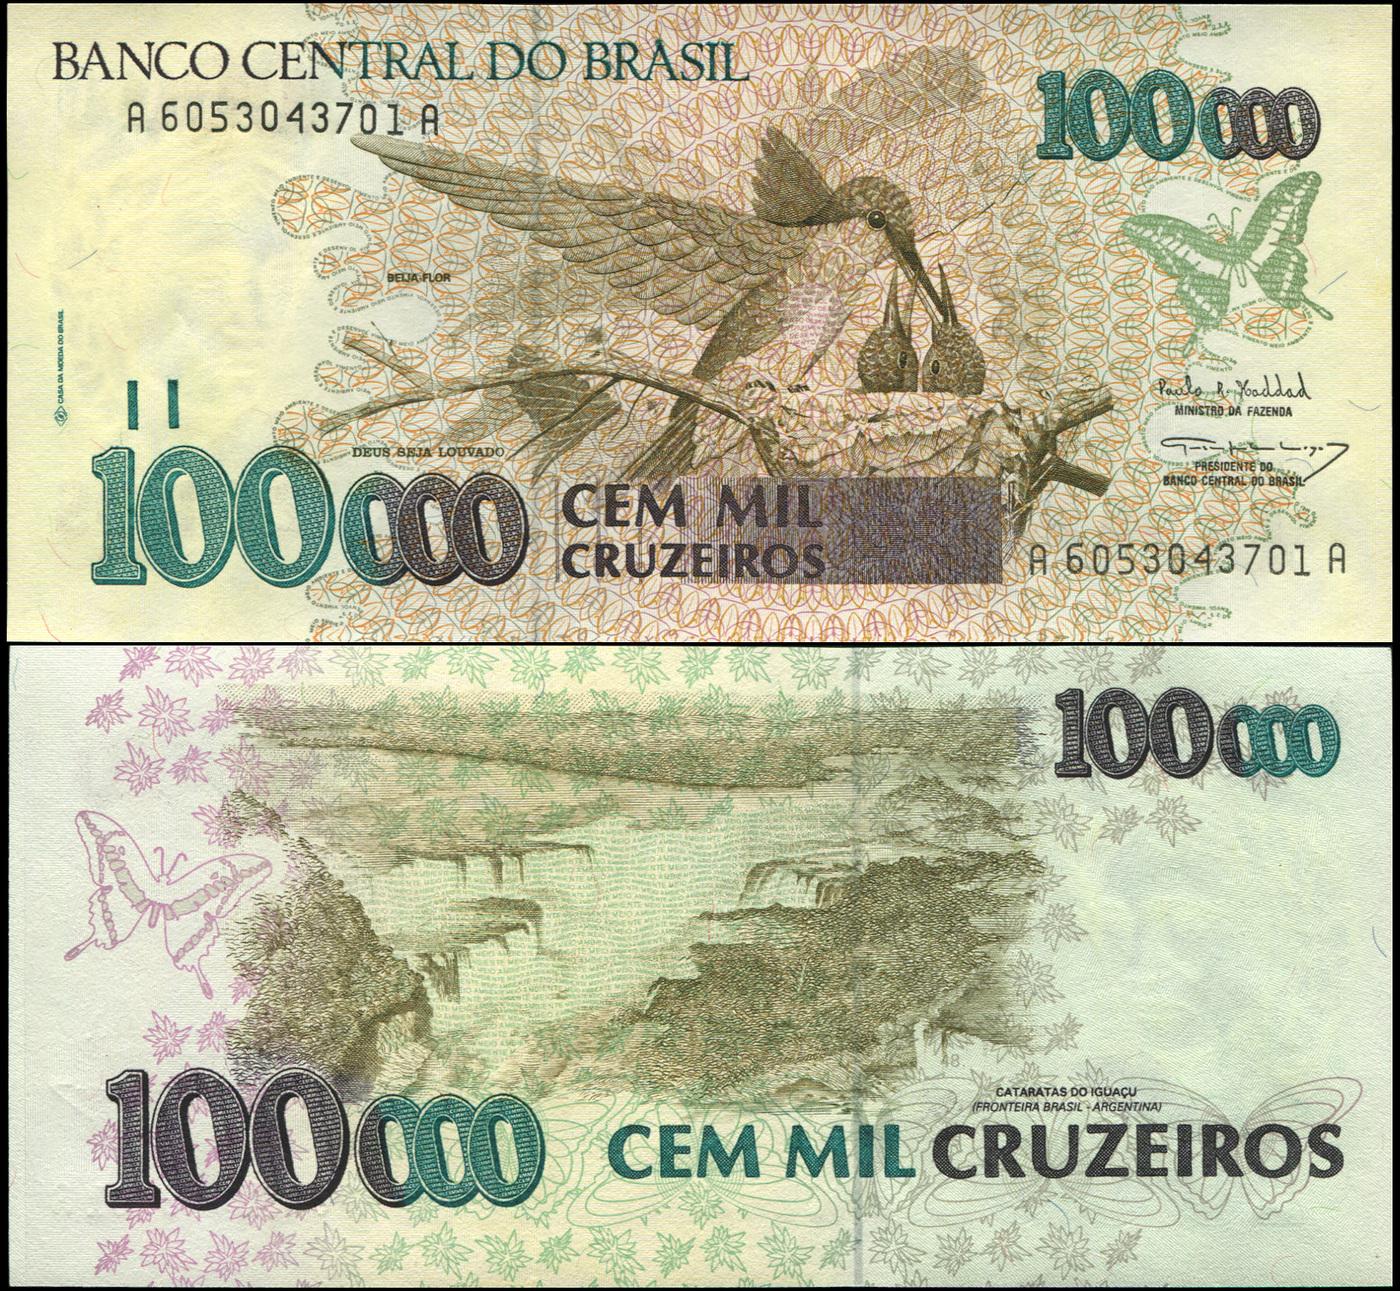 Банкнота. Бразилия 100000 крузейро. ND (1993) UNC. Кат.P.235b